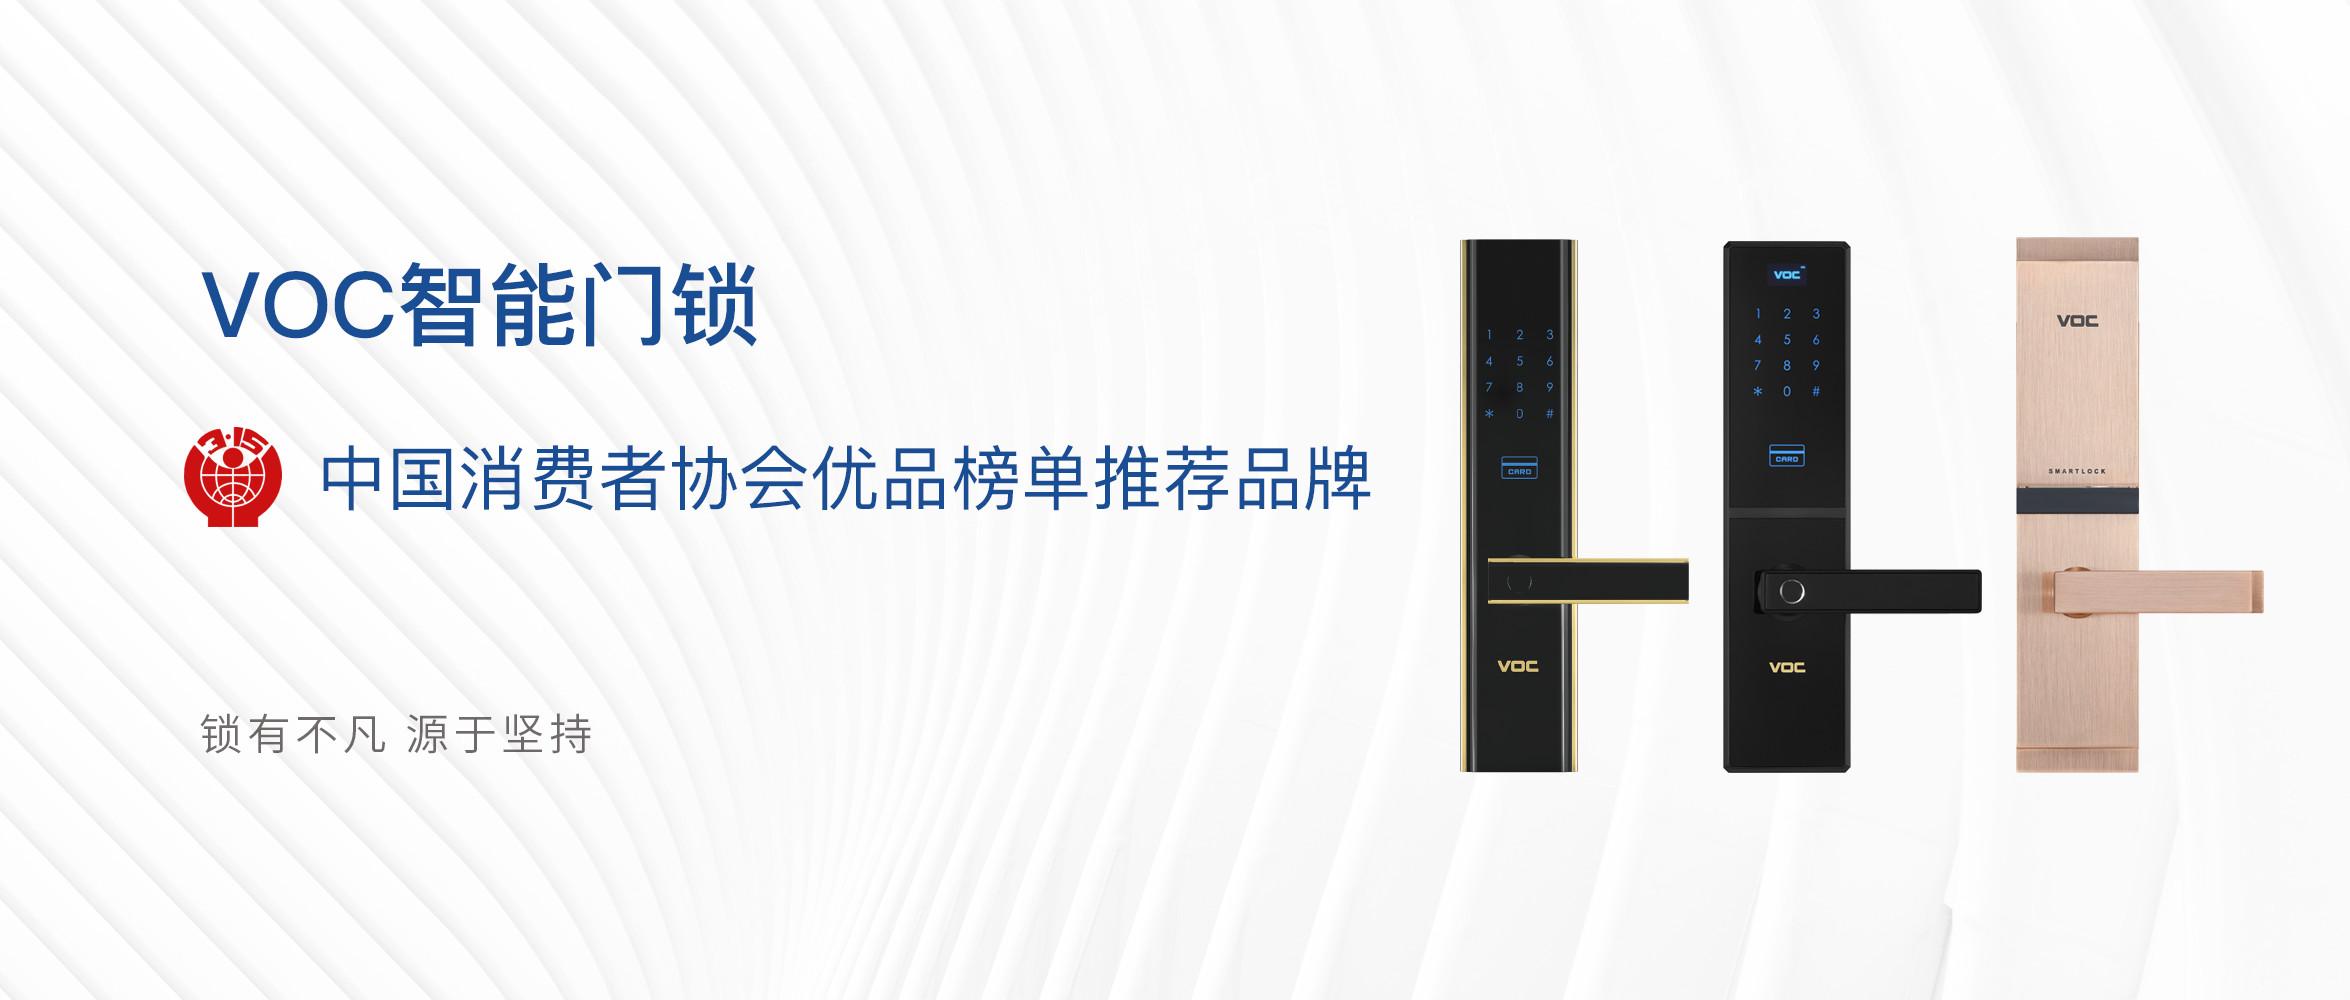 入选中国消费者协会优榜推荐品牌,VOC产品就是这么刚!